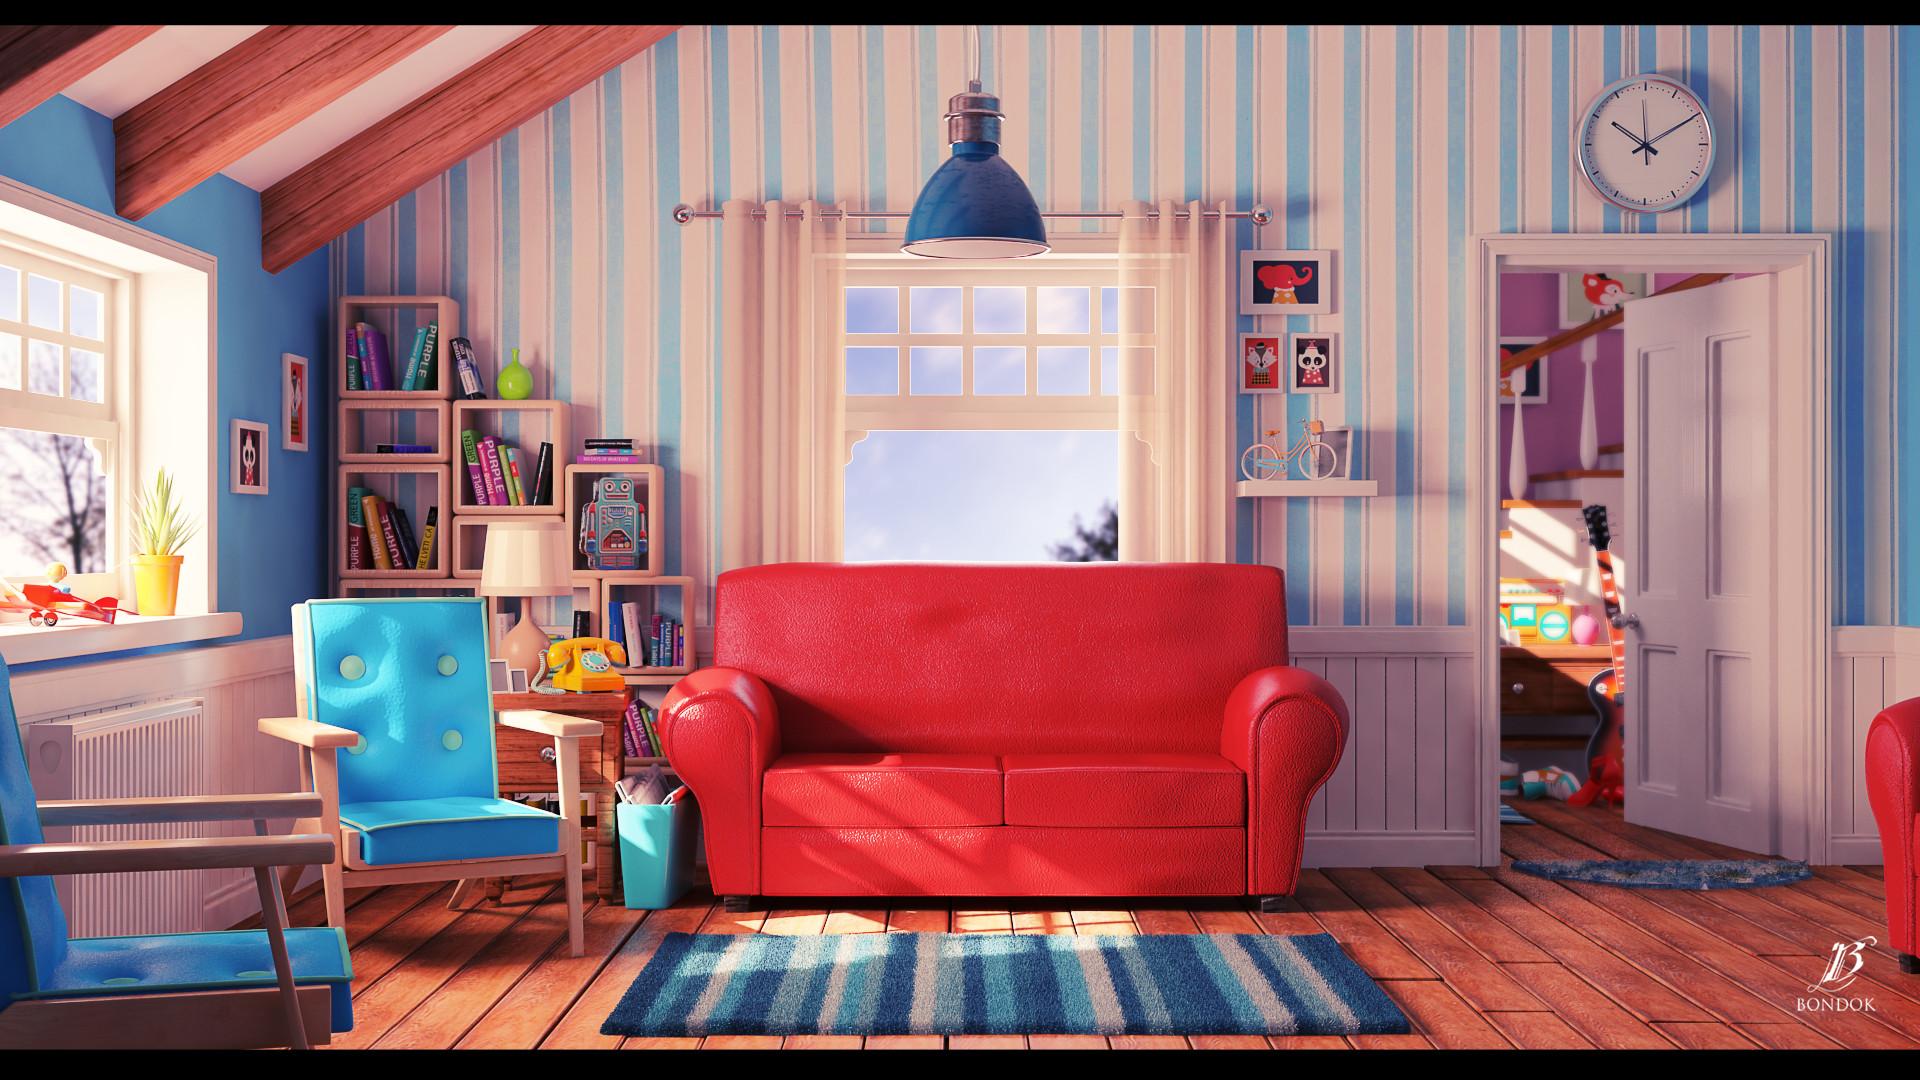 Artstation - Cartoon Living Room Bondok Max